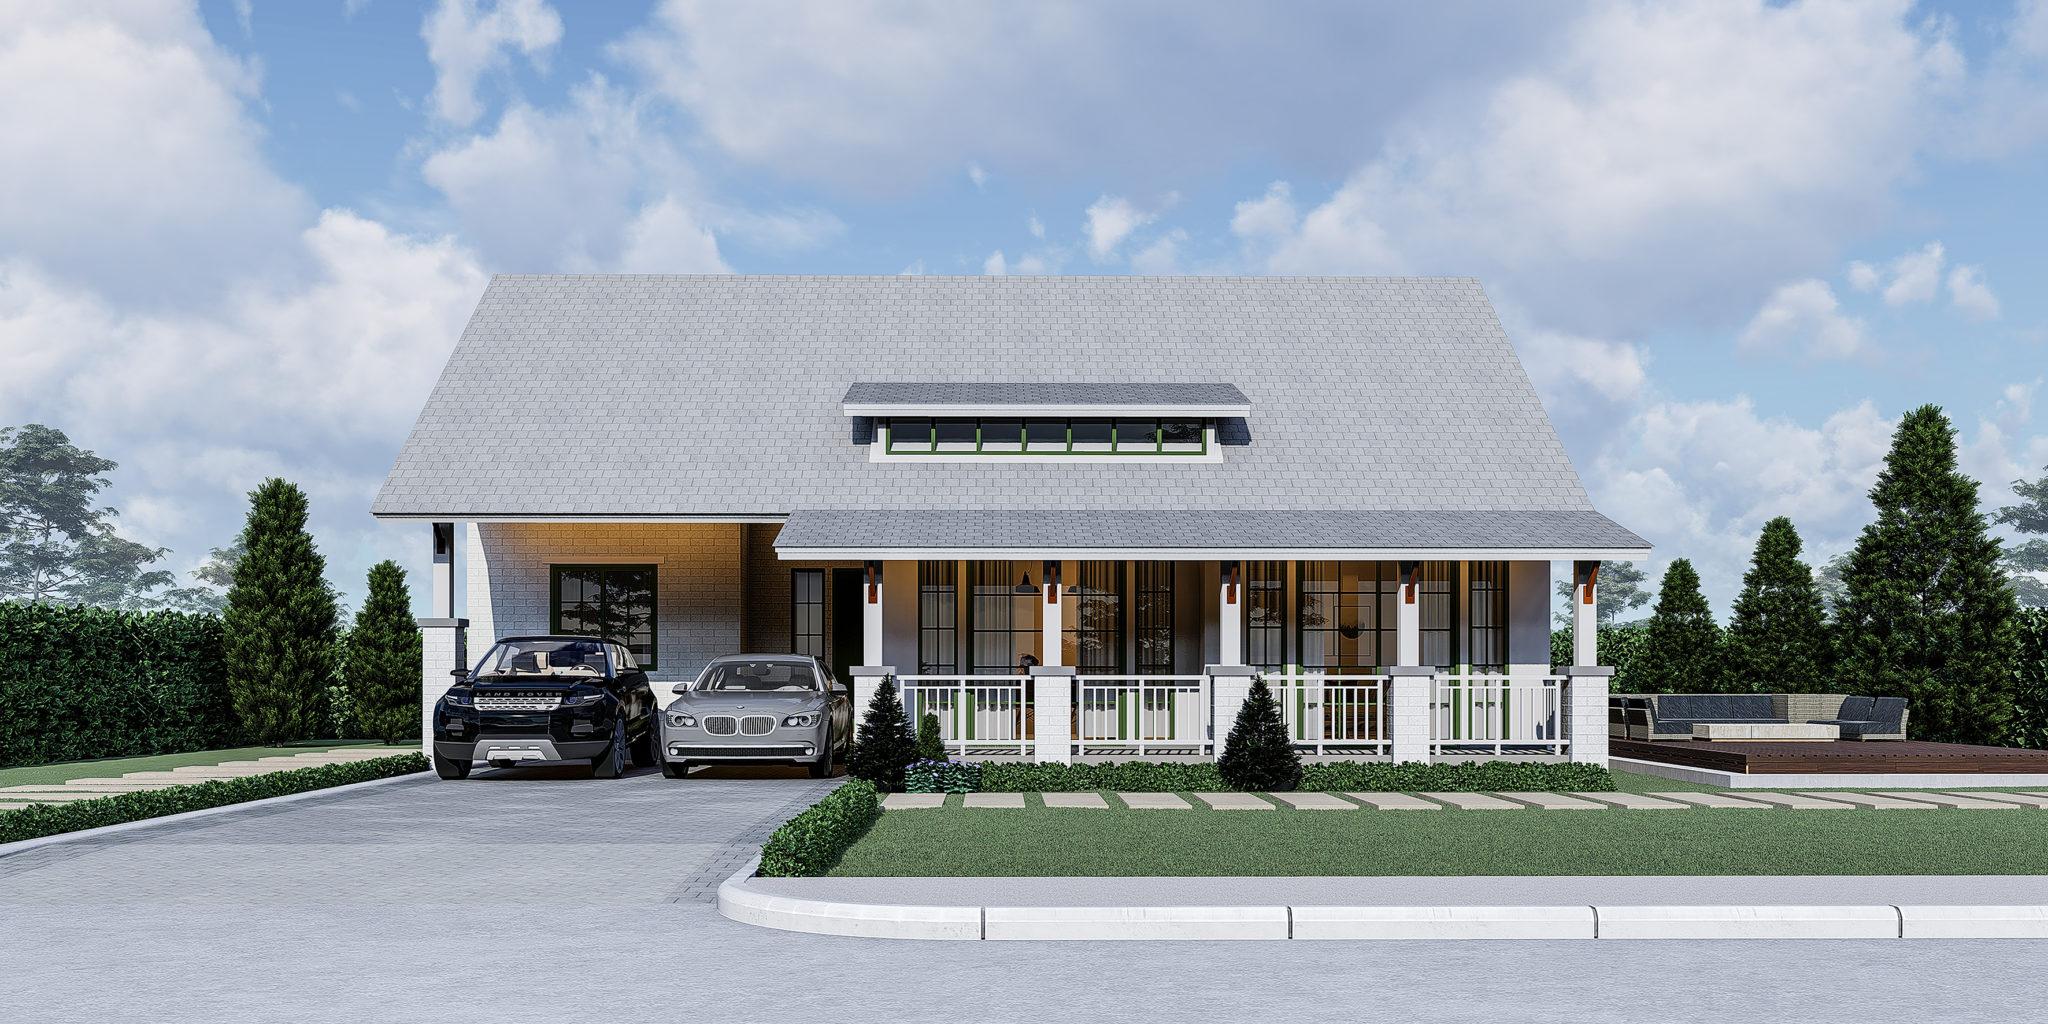 สร้างบ้านตากอากาศสไตล์รีสอร์ท พร้อมบ้านตัวอย่างจริงให้เข้าชม 13 -